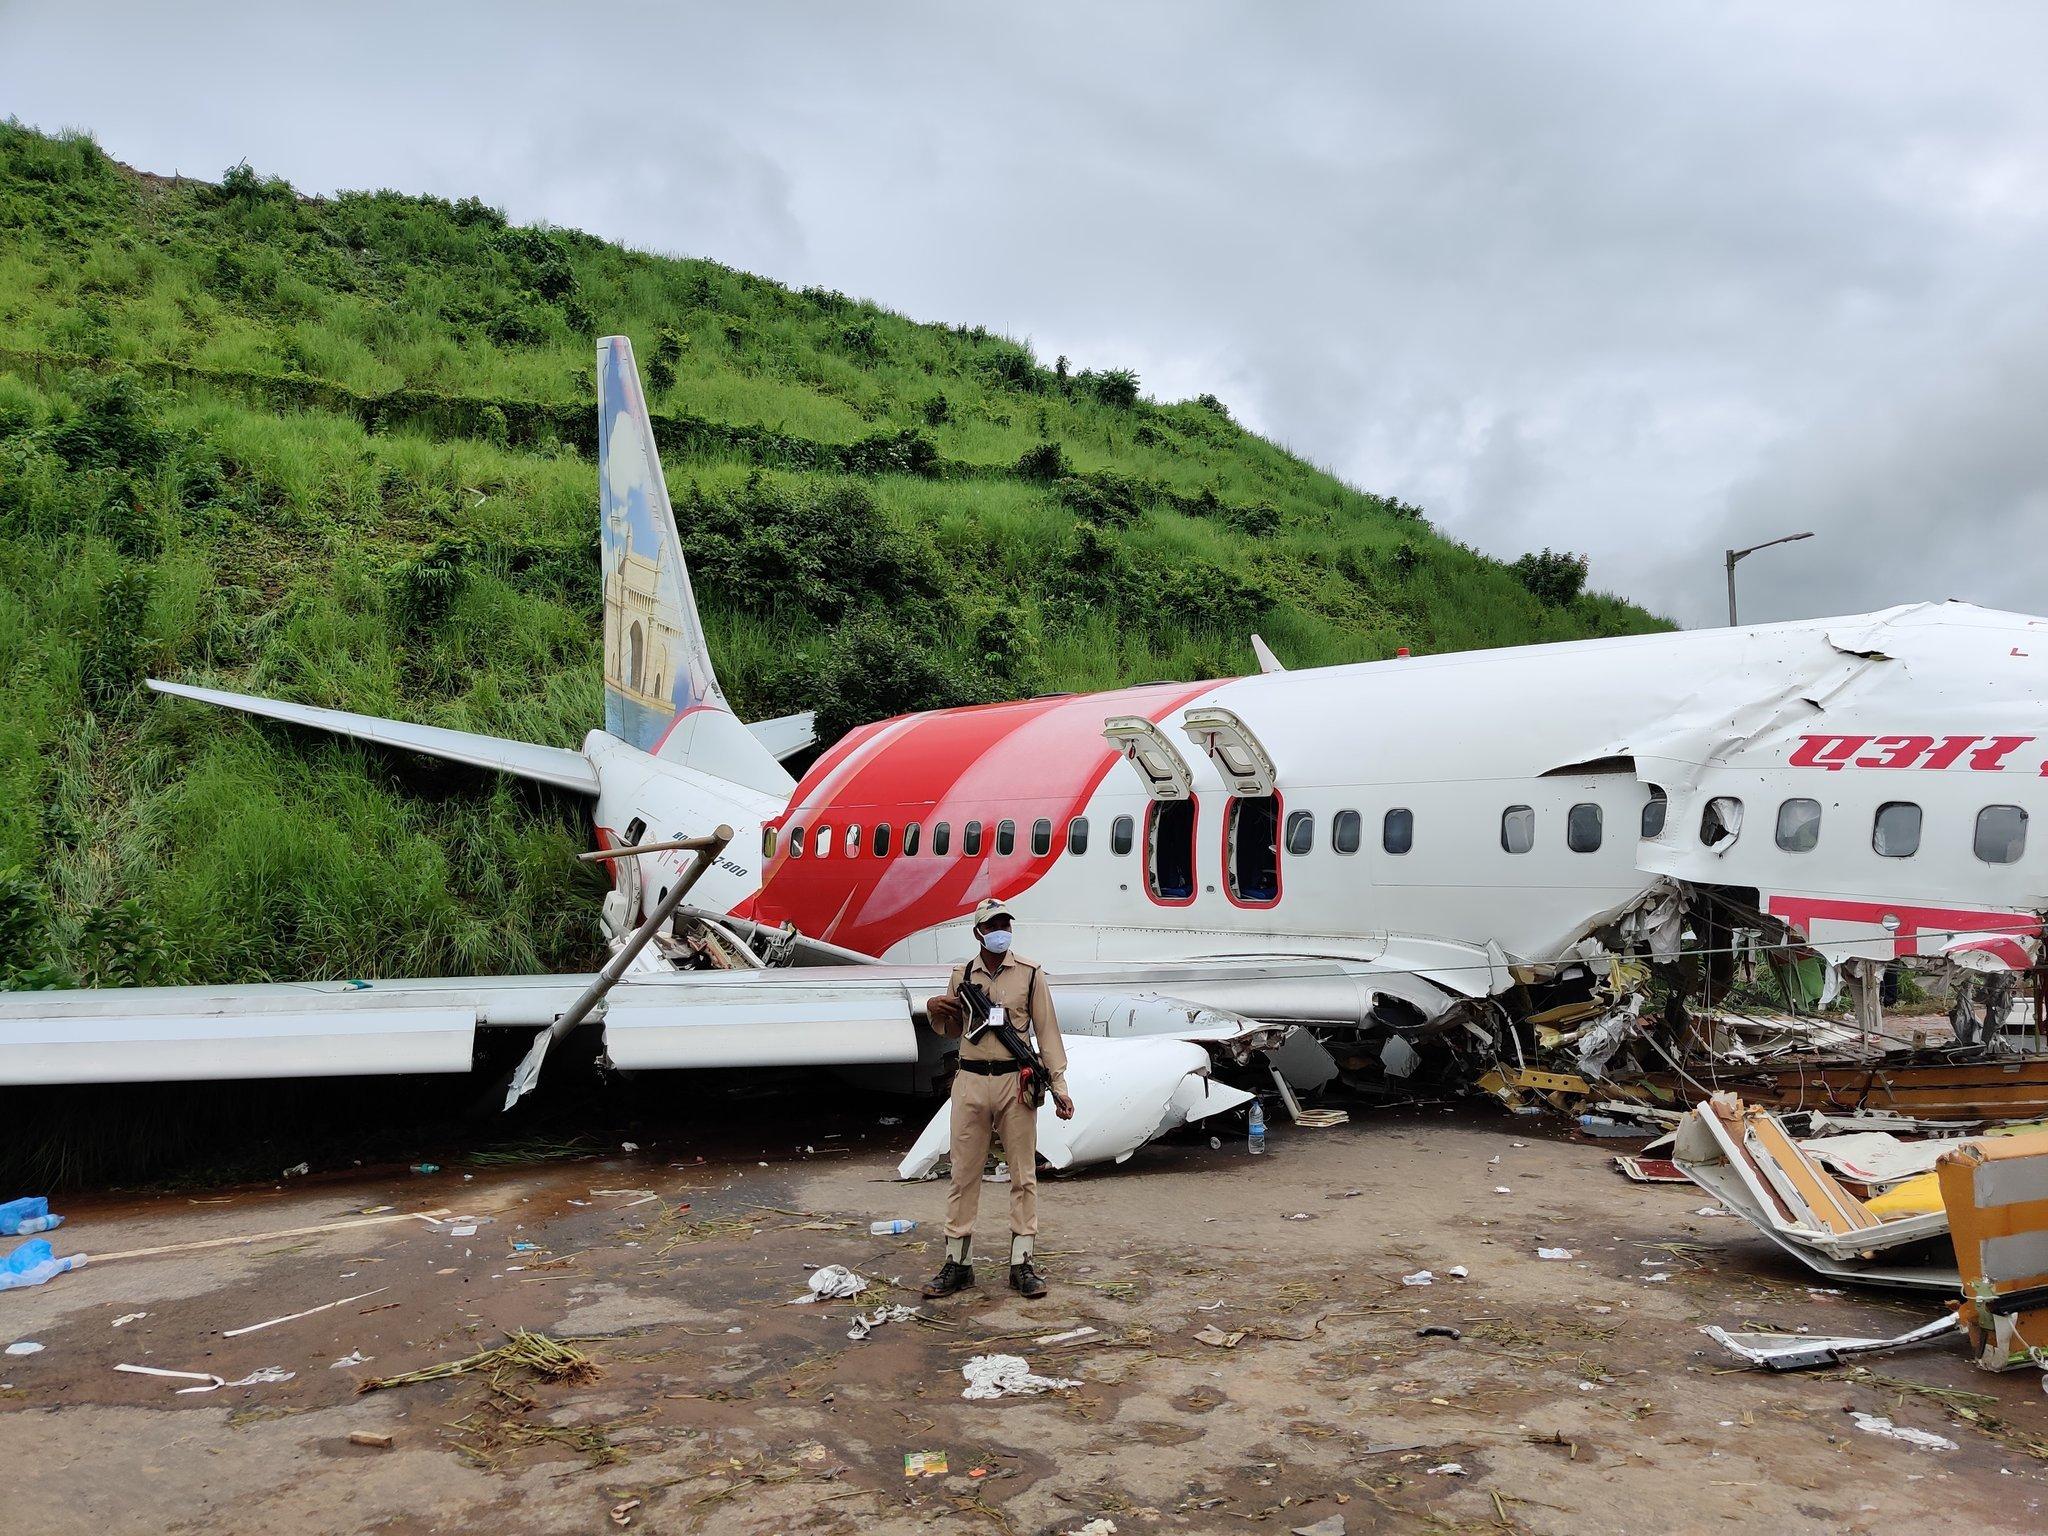 विमानाचे दोन तुकडे झाले होते. प्रवाशांचं सामान अस्ताव्यस्त पडलं होतं. खुर्च्या मोडून पडल्या होत्या.